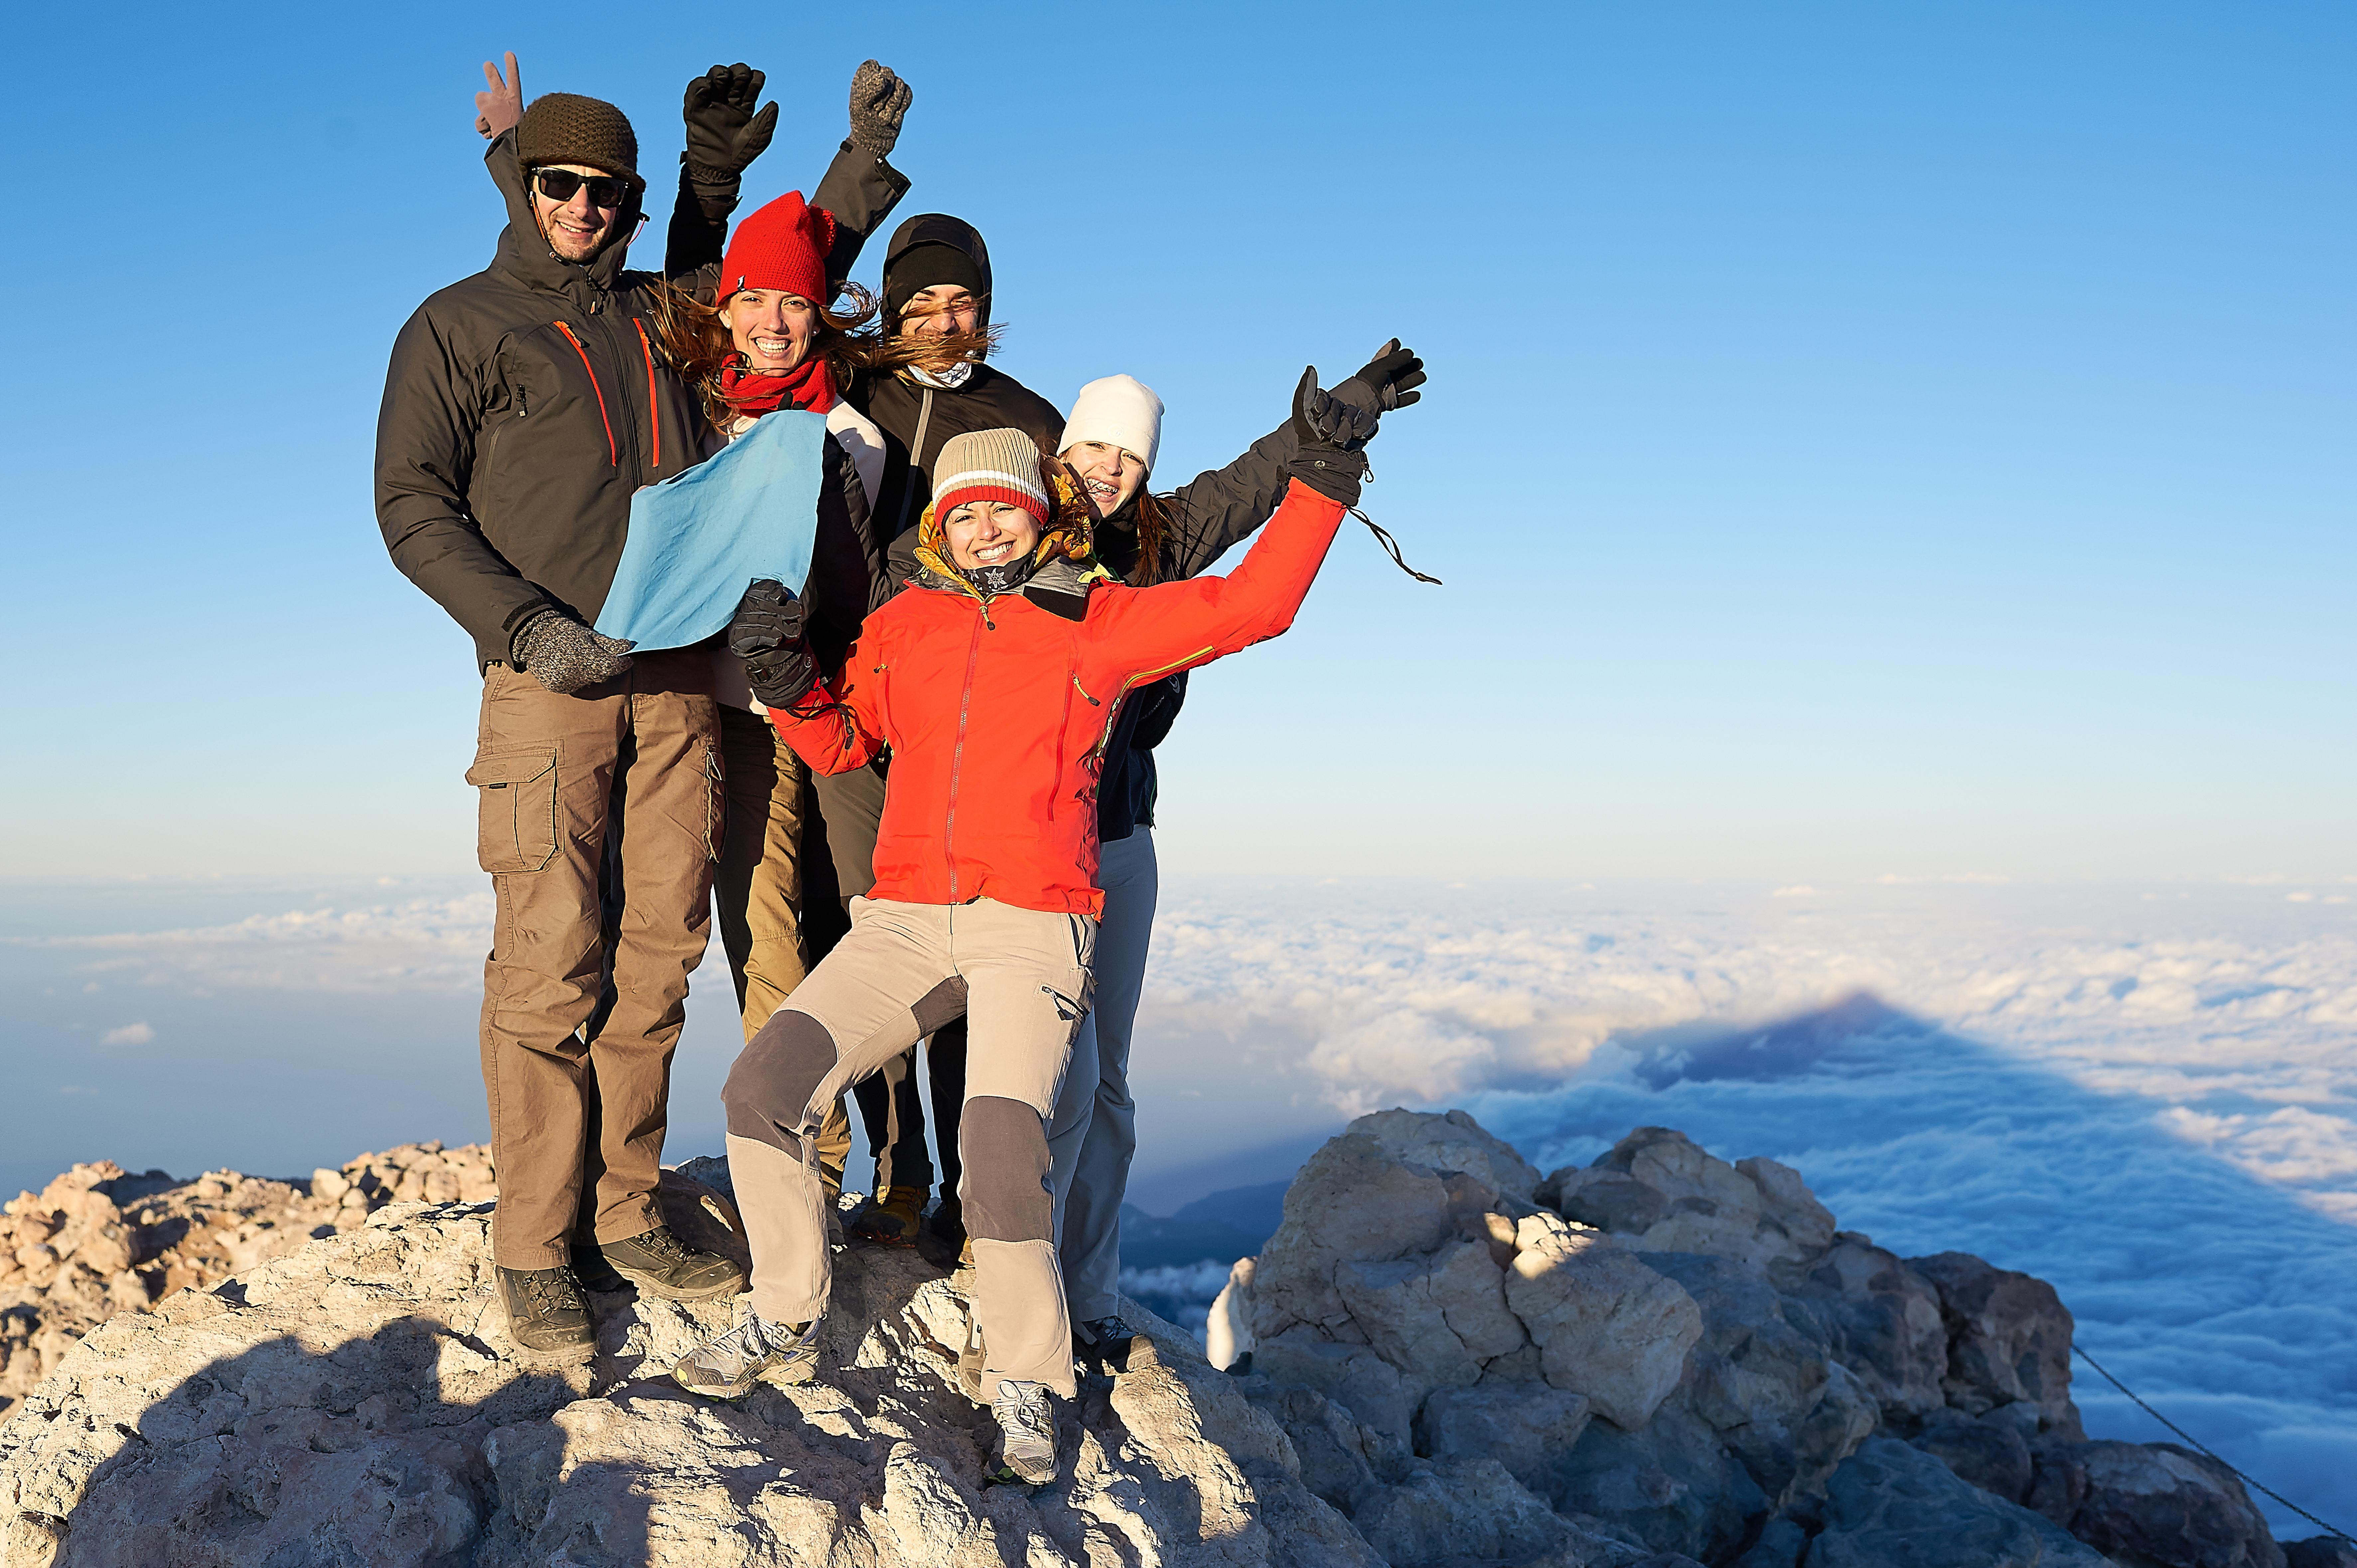 So erhalten Sie die Genehmigung den Teide Gipfel zu besteigen